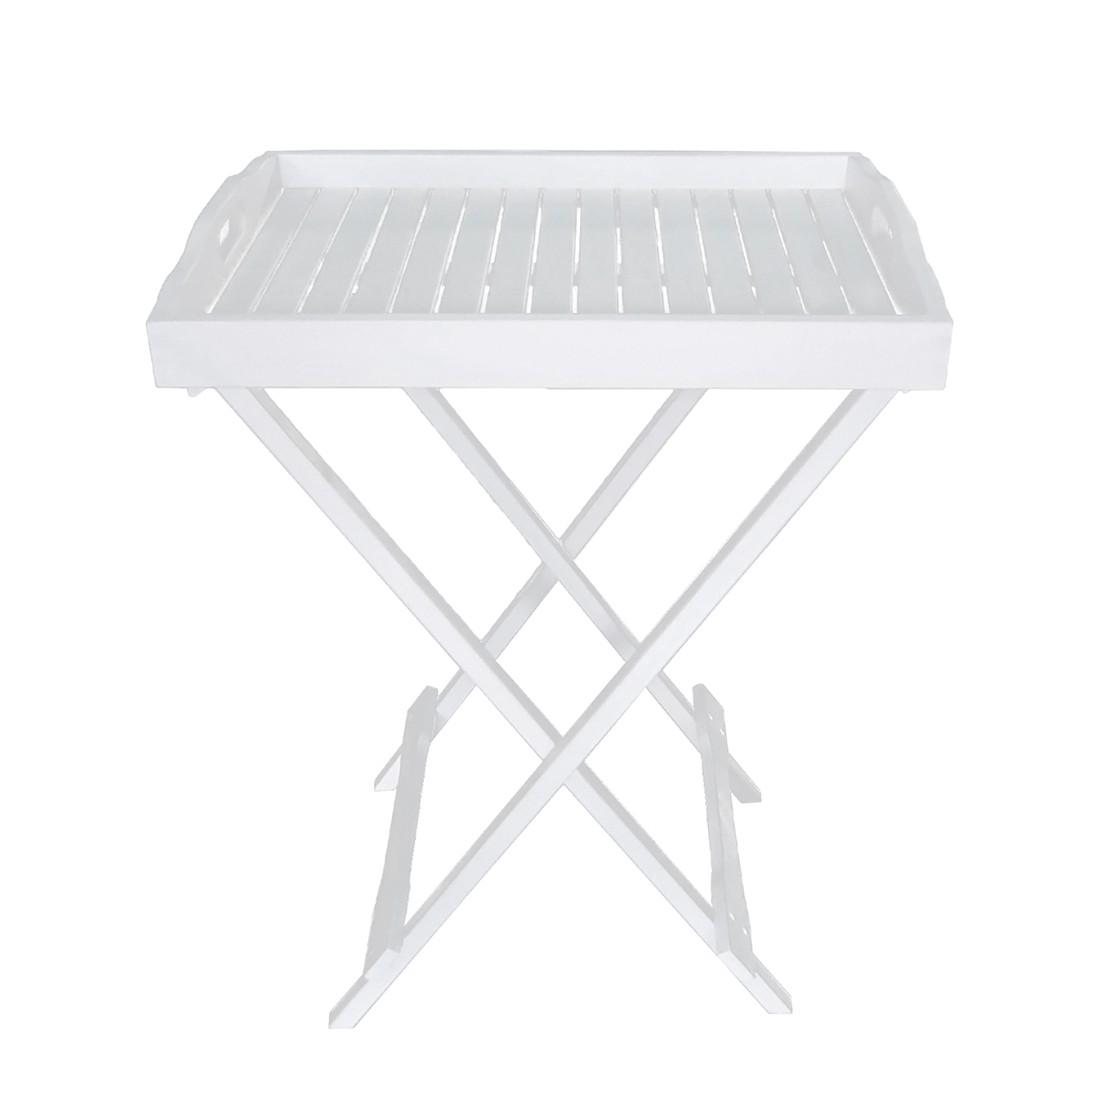 home24 Tabletttisch Sizun   Wohnzimmer > Tische > Weitere Tische   Weiss   Massivholz   Garden Pleasure